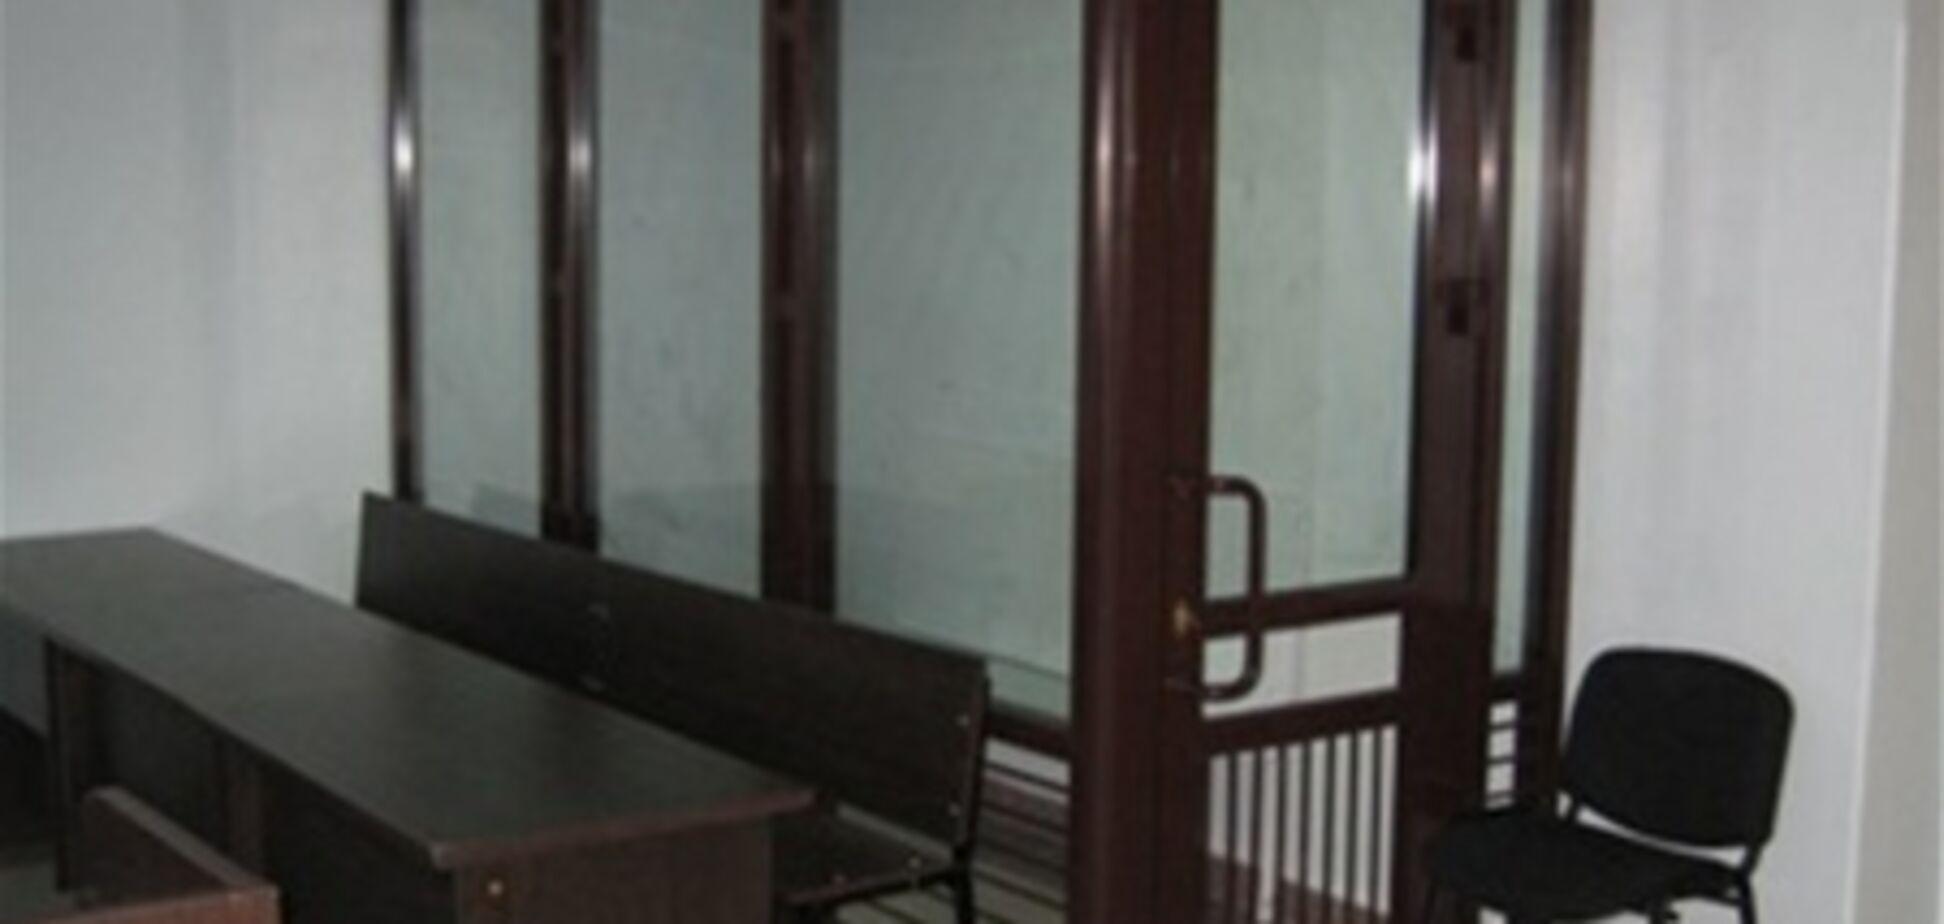 В украинских судах появятся стеклянные клетки для подсудимых